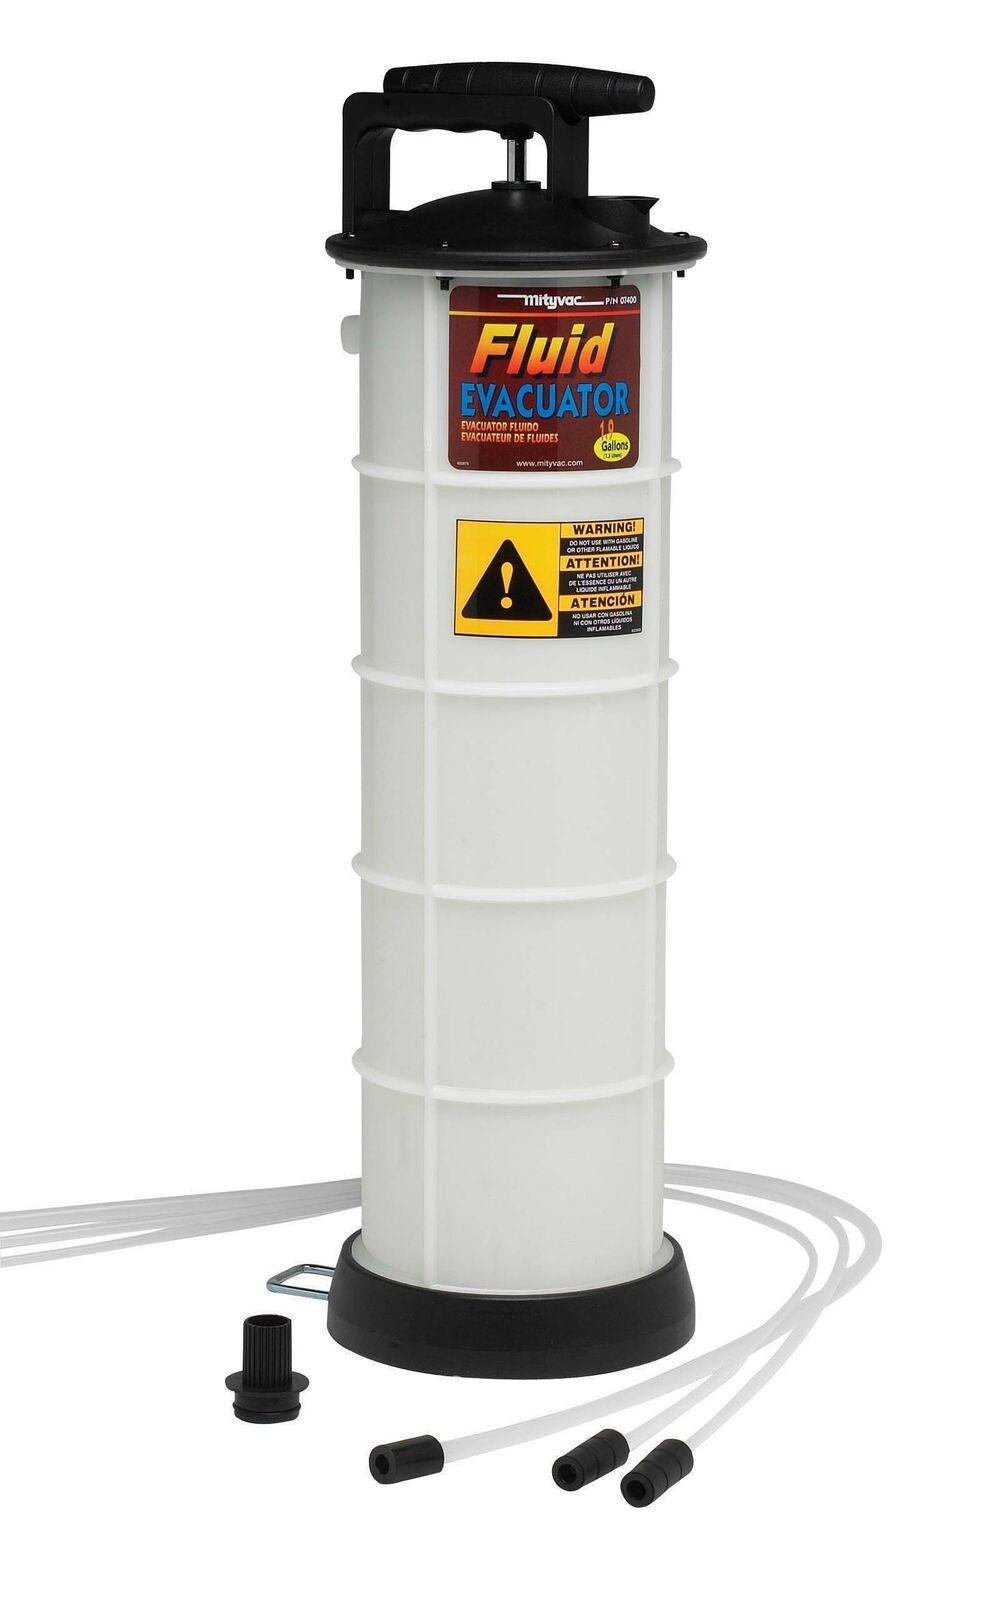 Atv Schneemobil Pwc Flüssigkeit Öl Gas Schweissbalken 7.3L mit Adapter Mityvac